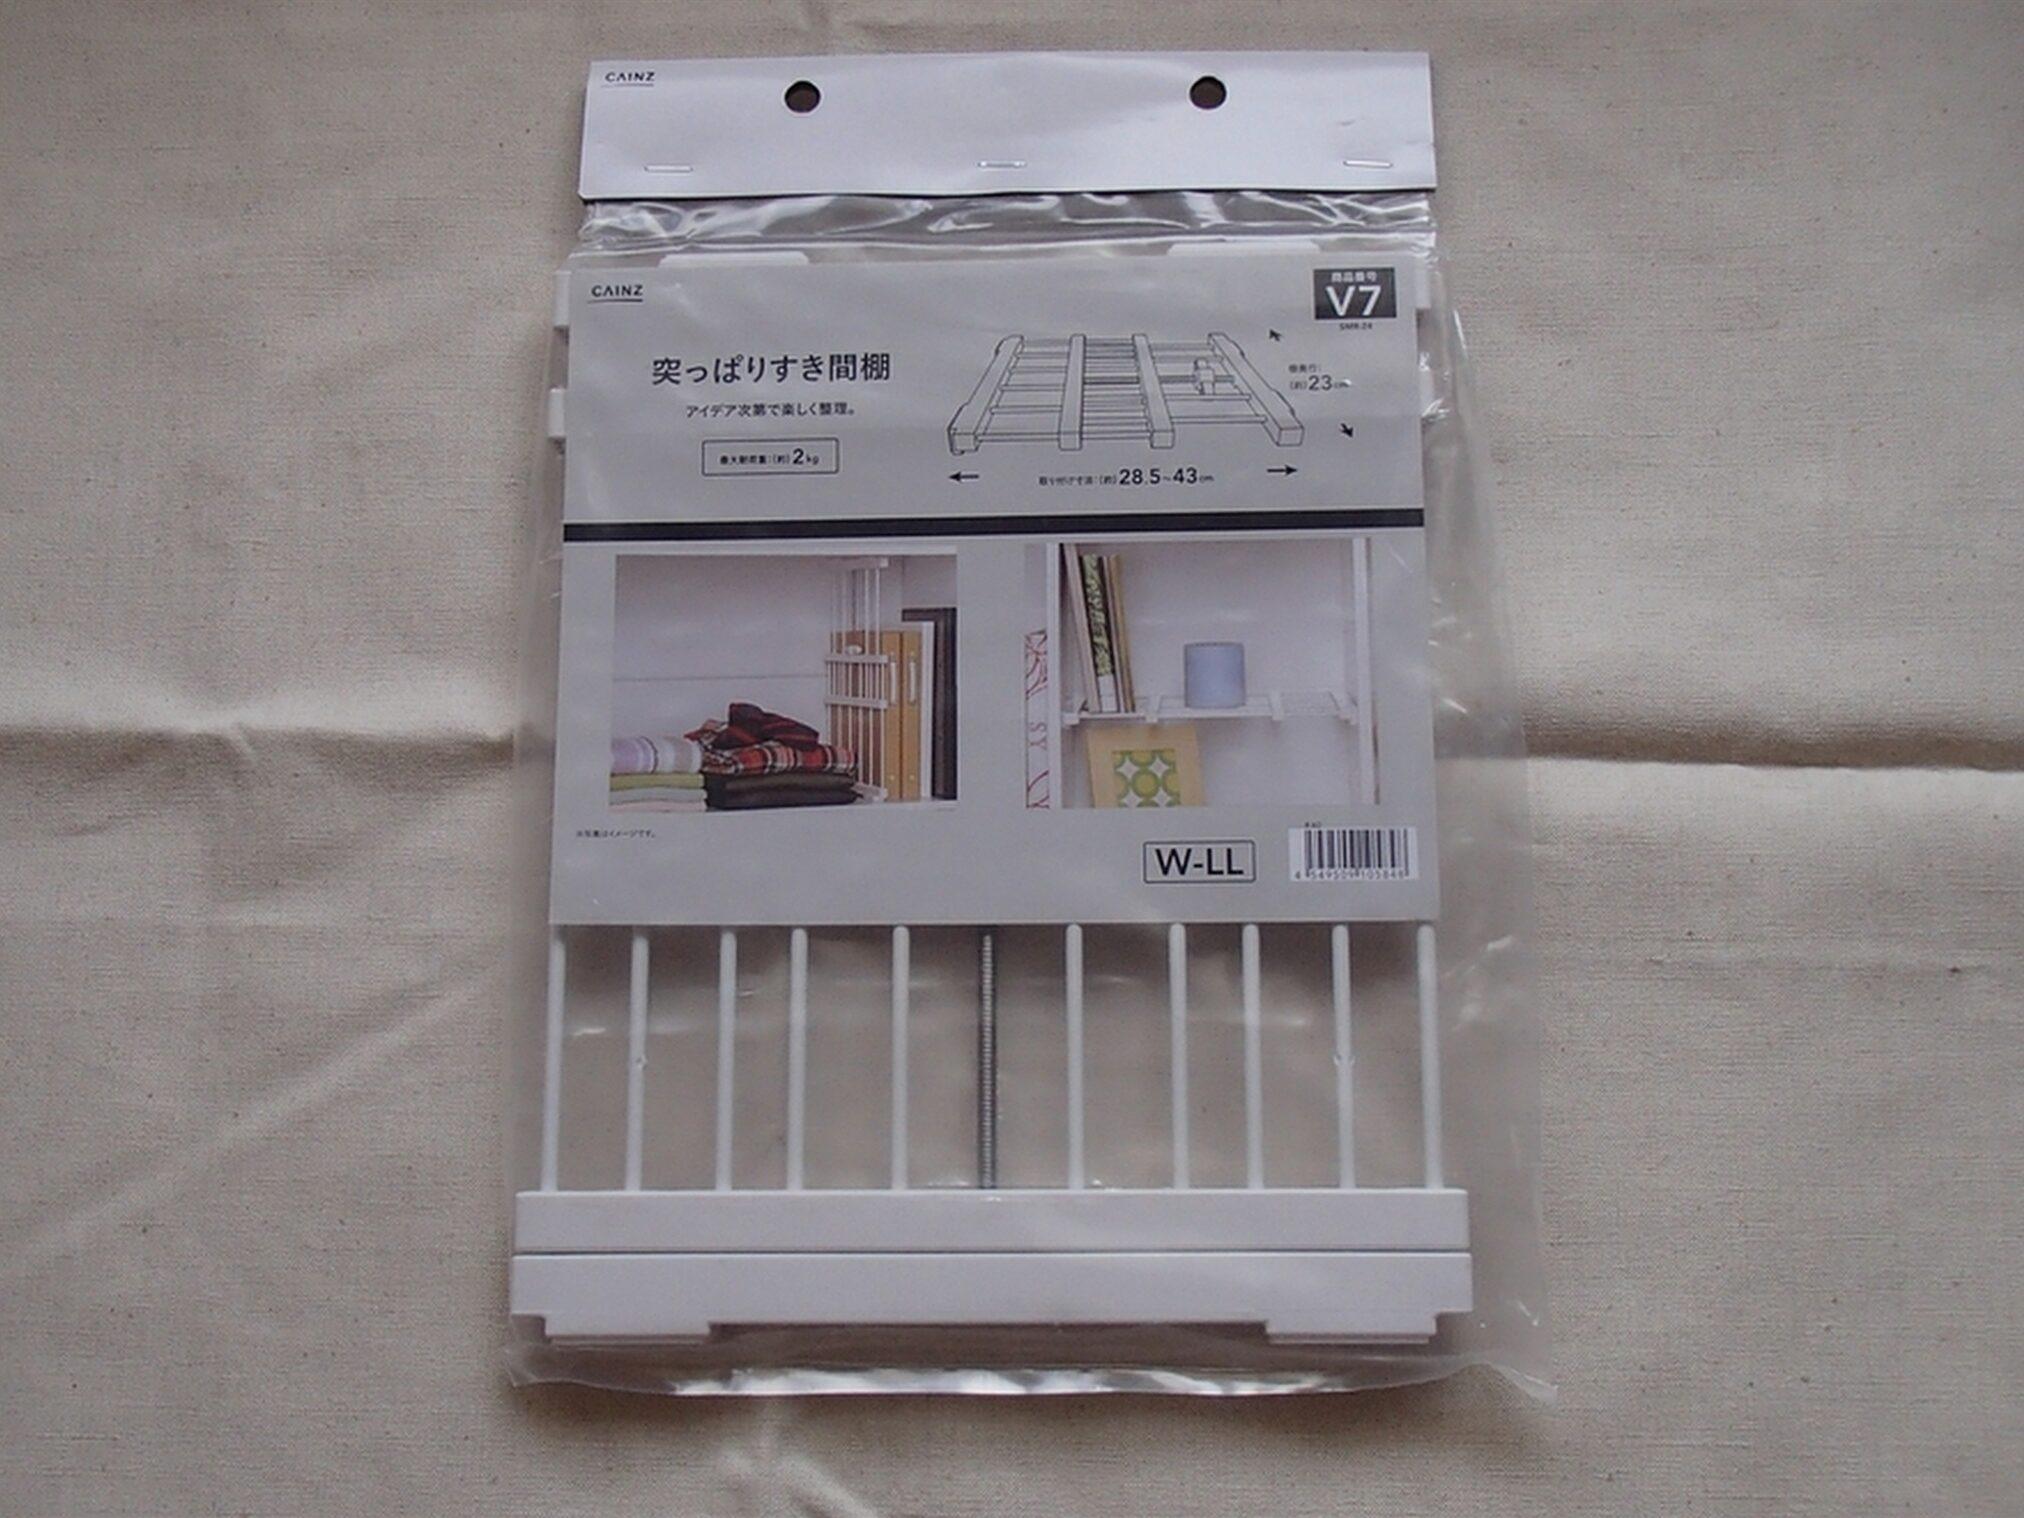 カインズ CAINS V7 突っぱりすき間棚W-LL パッケージ写真